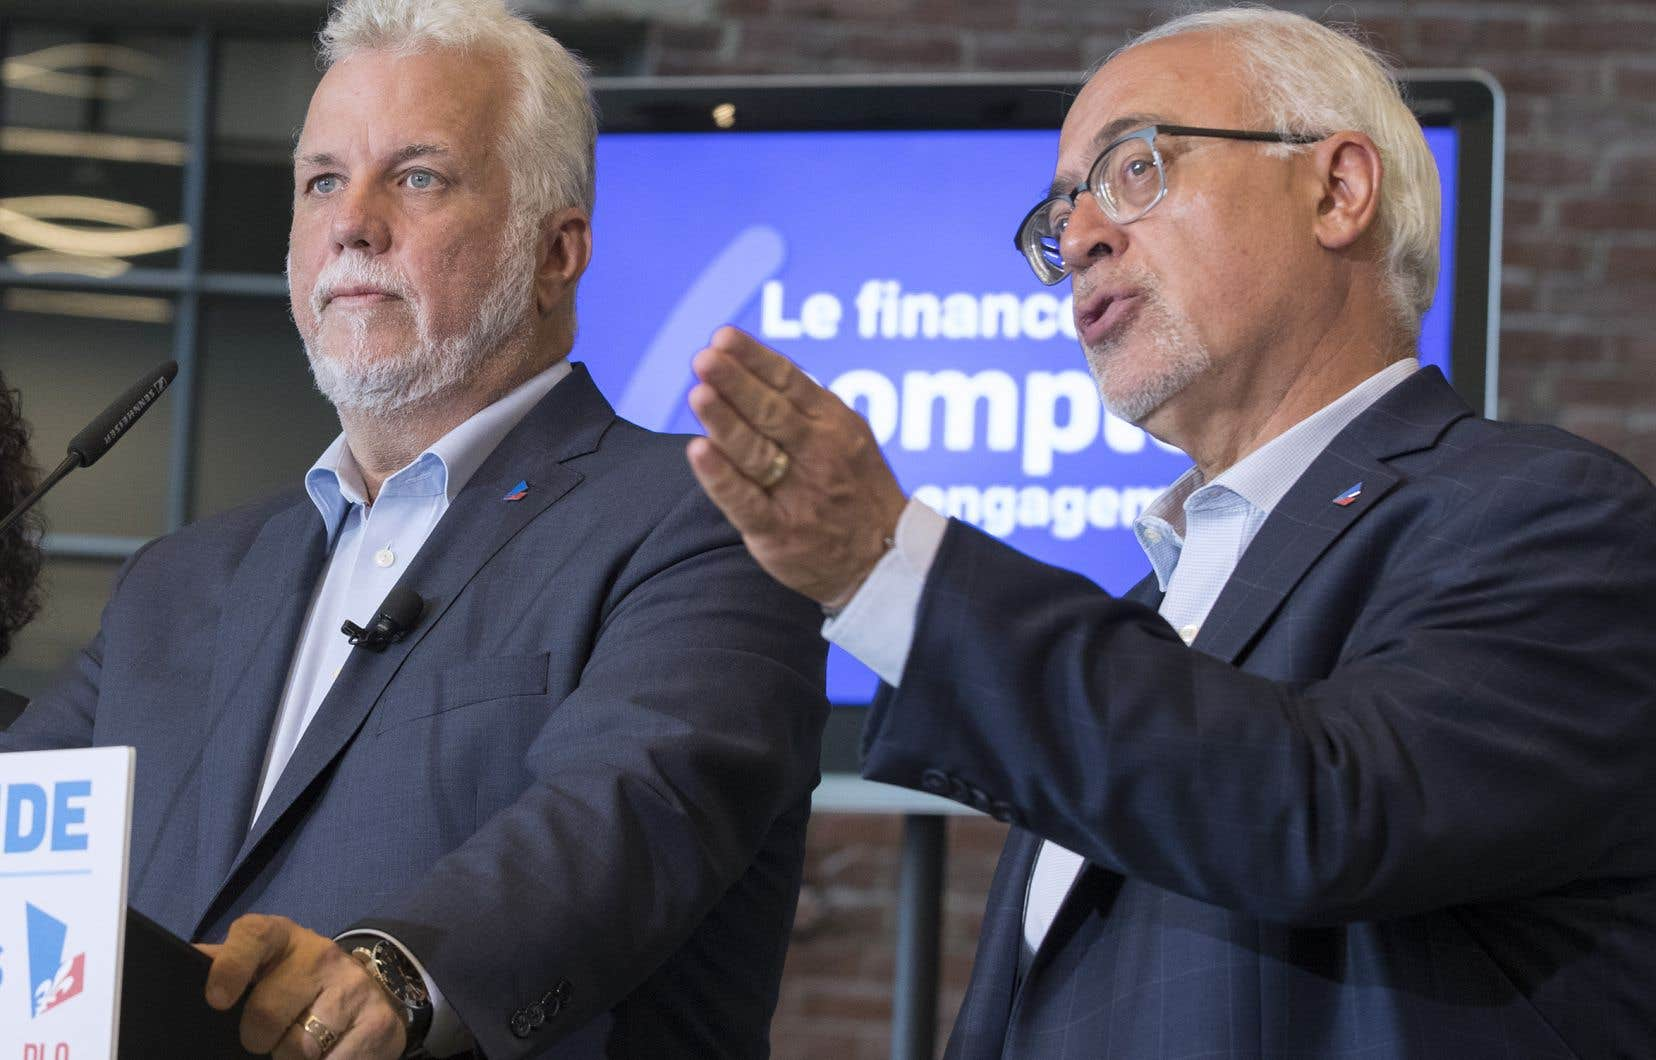 Le chef du Parti libéral du Québec, Philippe Couillard, etson ministre des Finances, Carlos Leitão